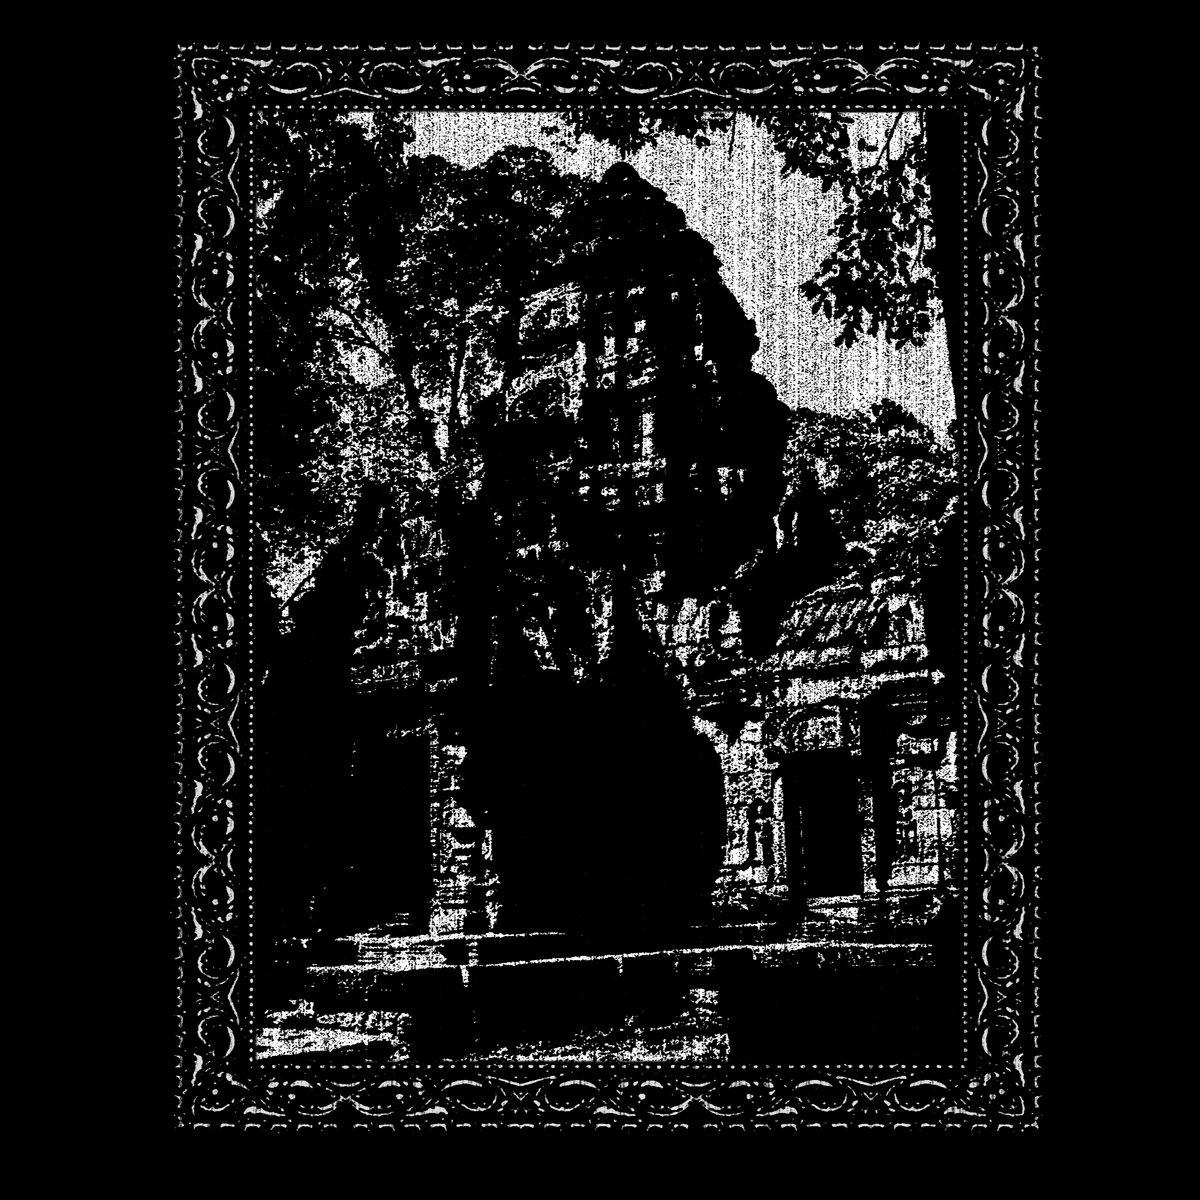 Forbidden Tomb - Templum Impiorum